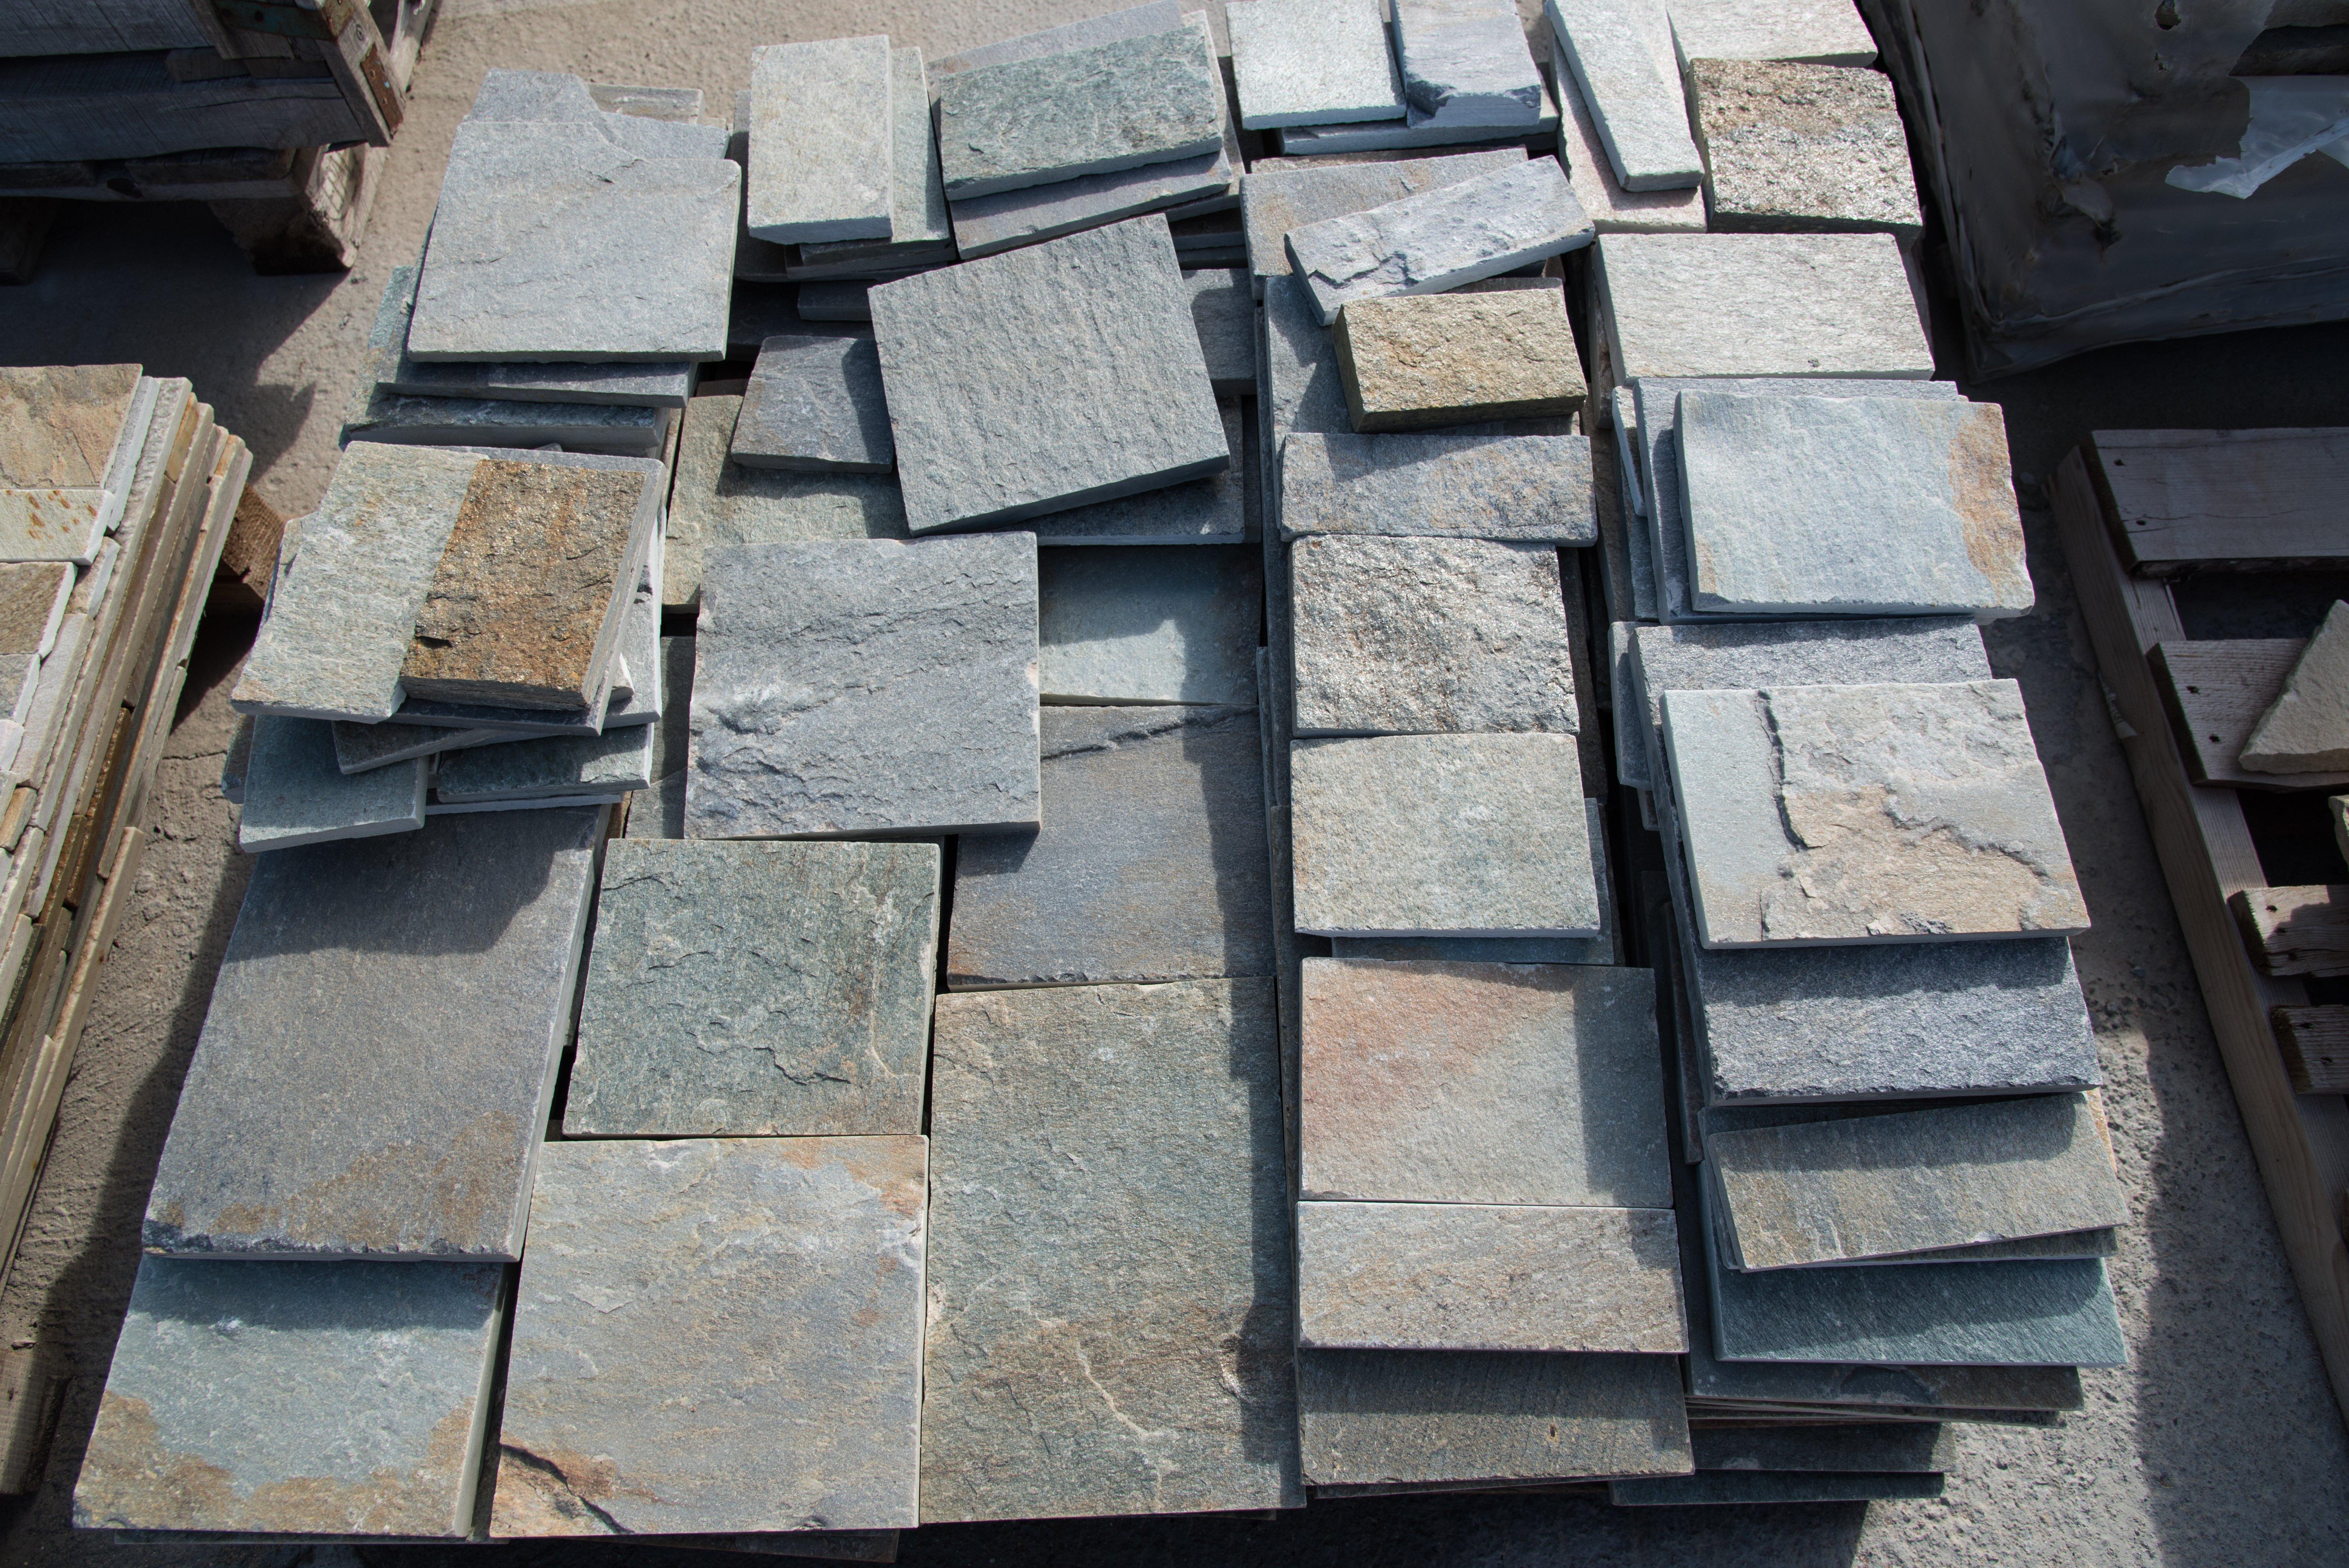 Edil pietre 2p snc rivestimenti in pietra san giovanni suergiu ci - Piastrelle di ardesia ...